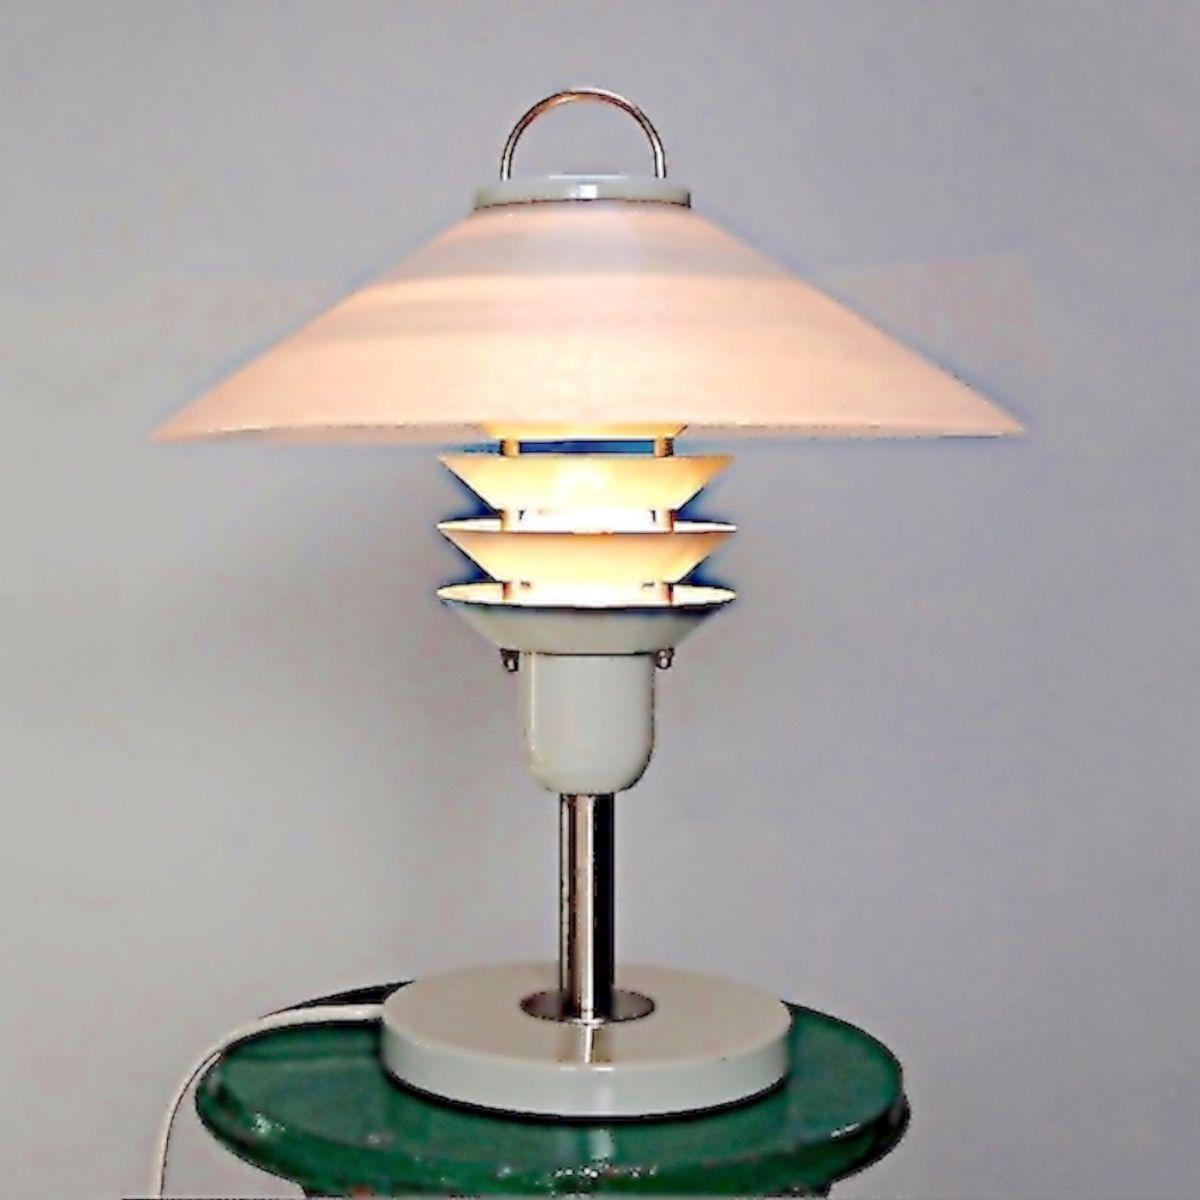 lampe poser design scandinave 1970 blanche luckyfind. Black Bedroom Furniture Sets. Home Design Ideas